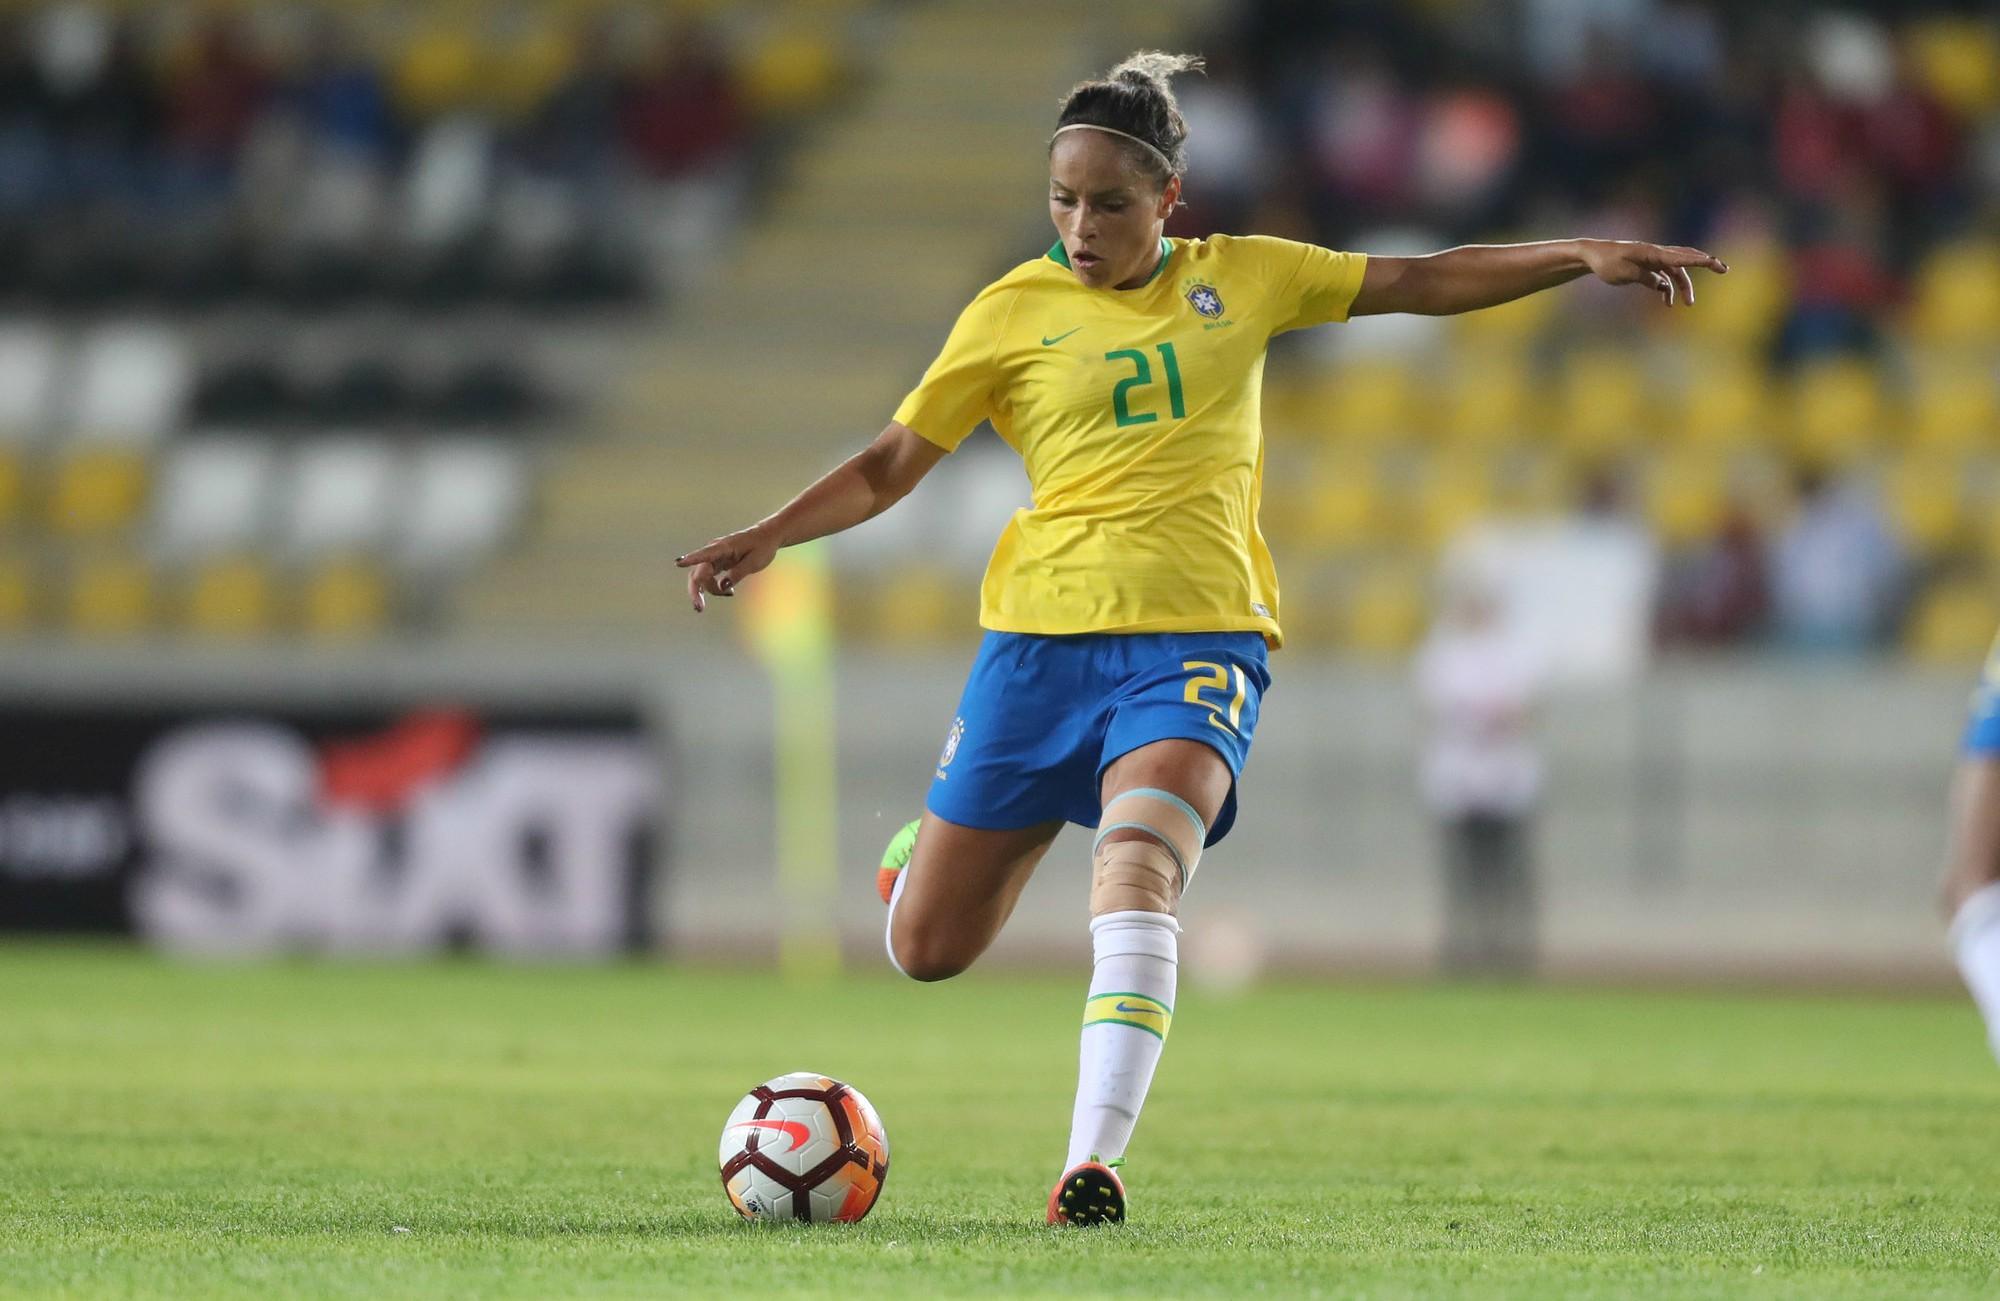 a9eb0ed524 Brasil vence Argentina na estreia da Copa América de futebol ...